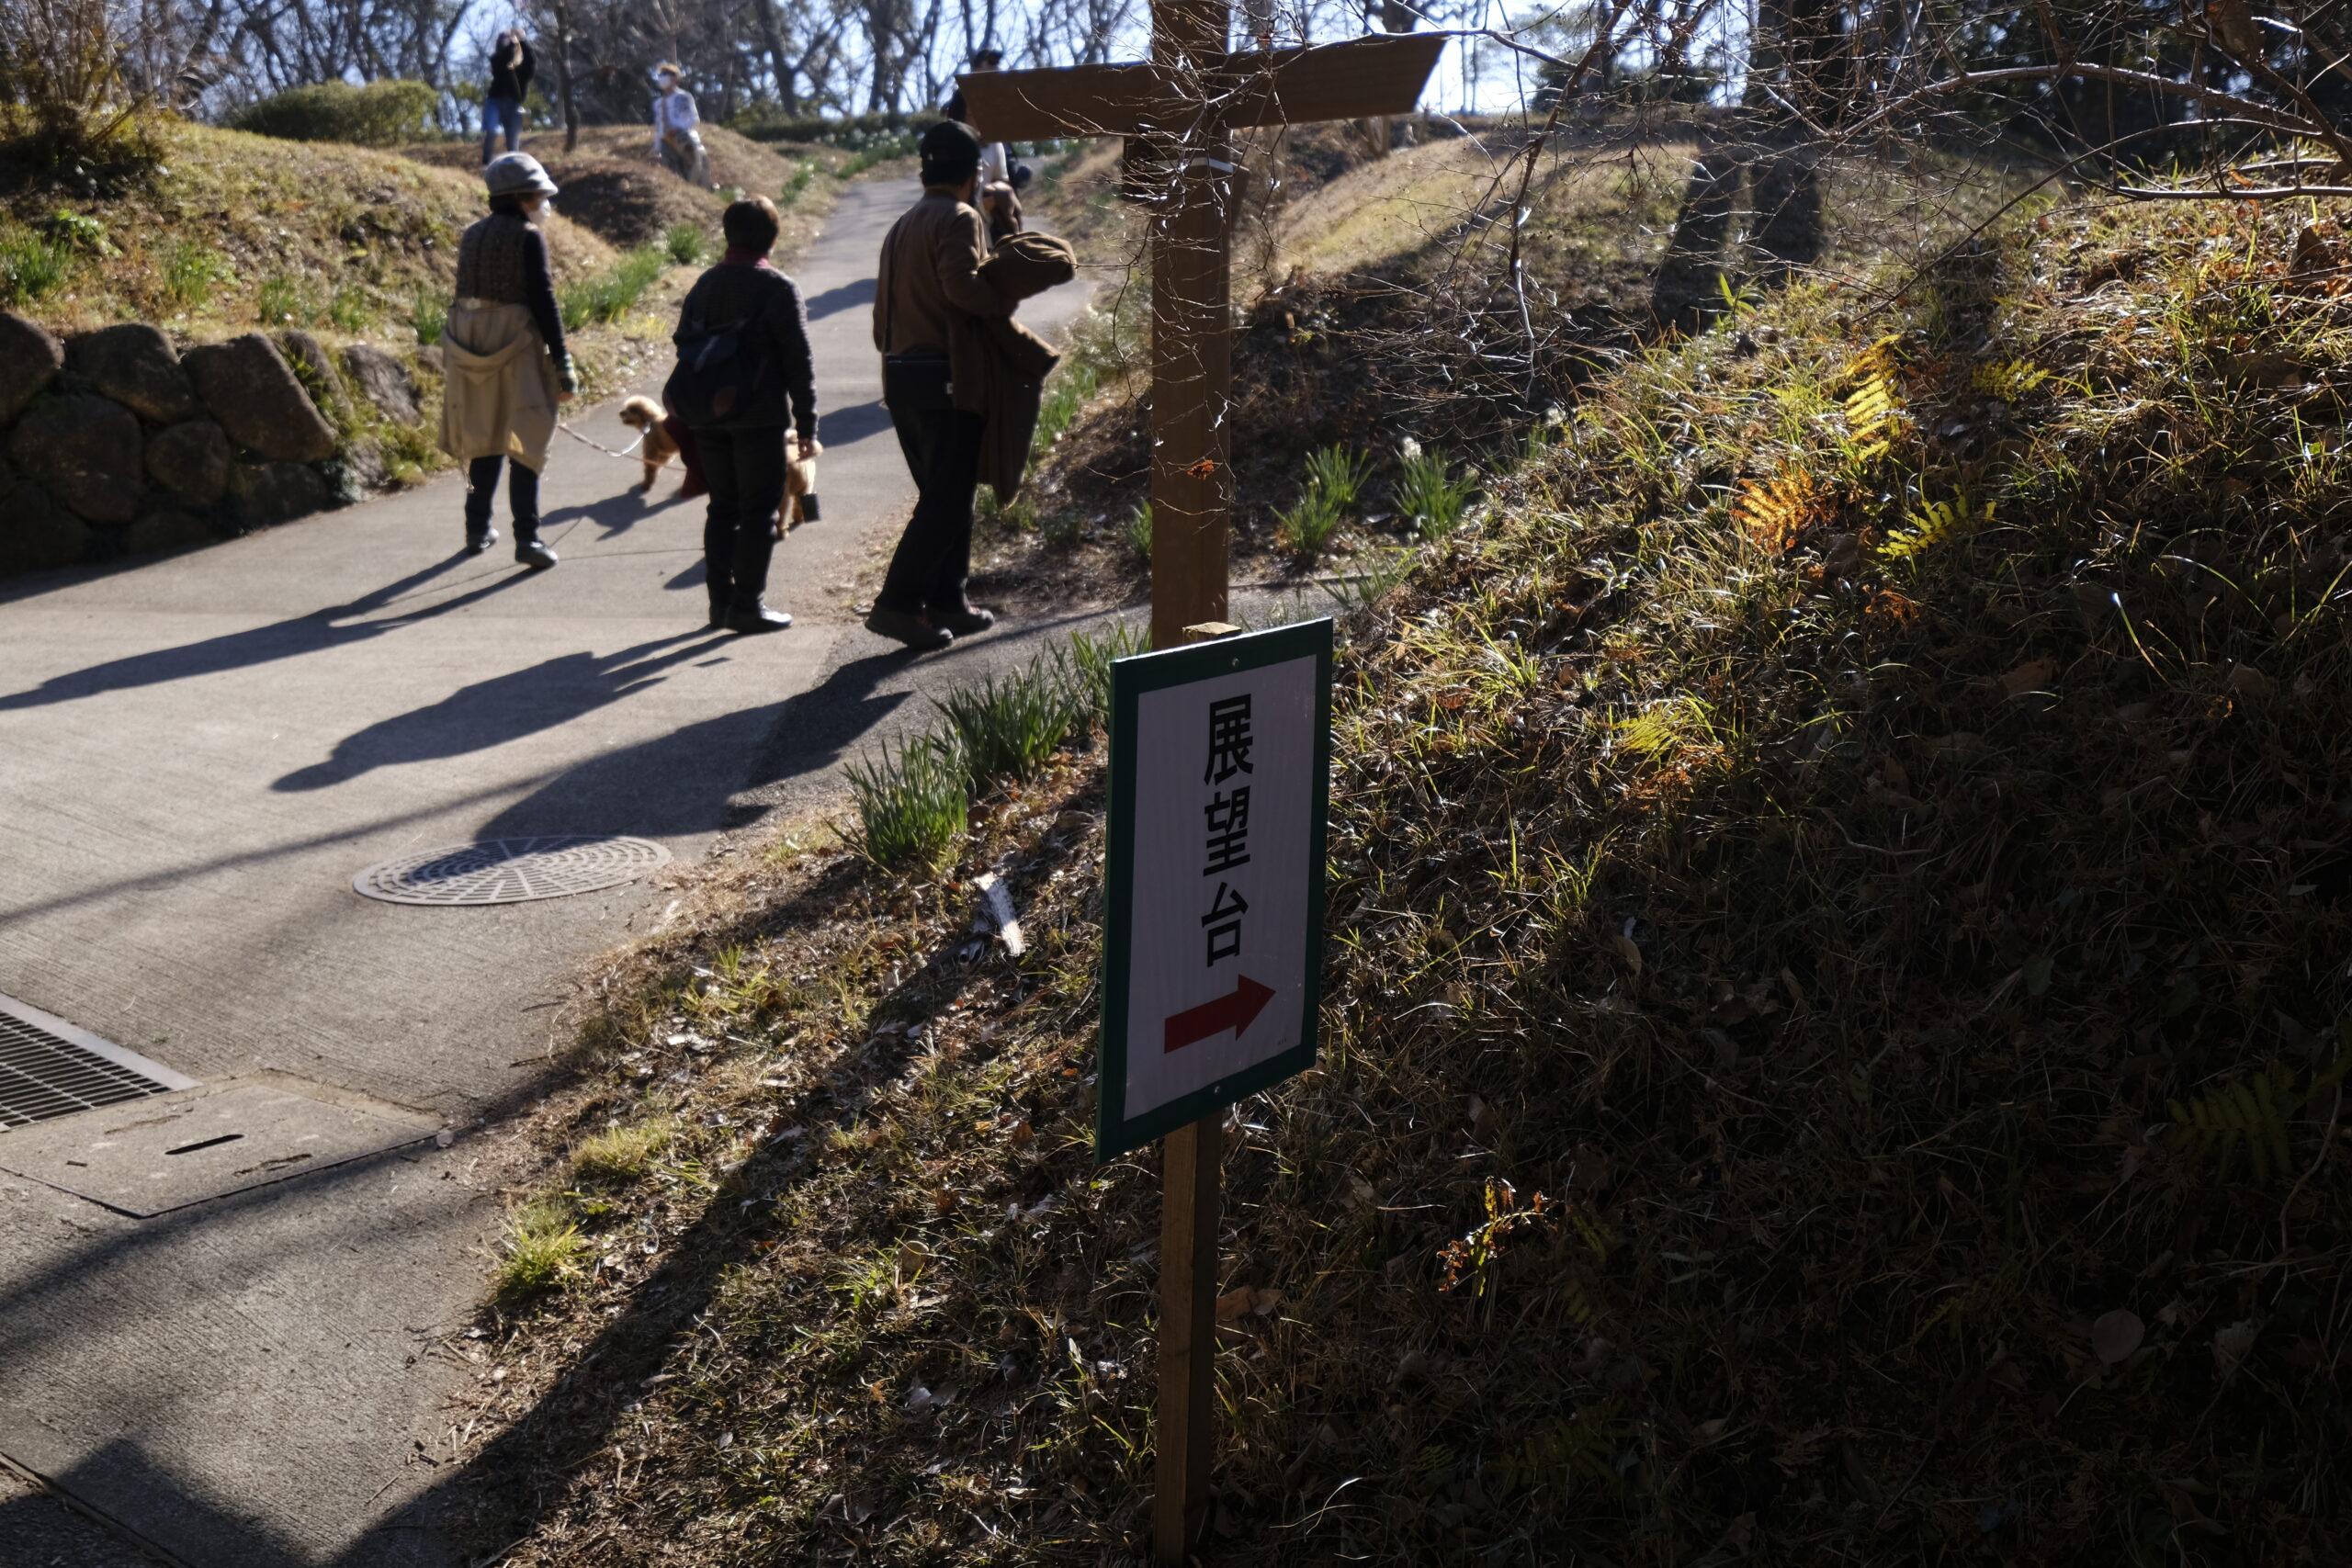 吾妻山公園展望台を指し示す看板の写真